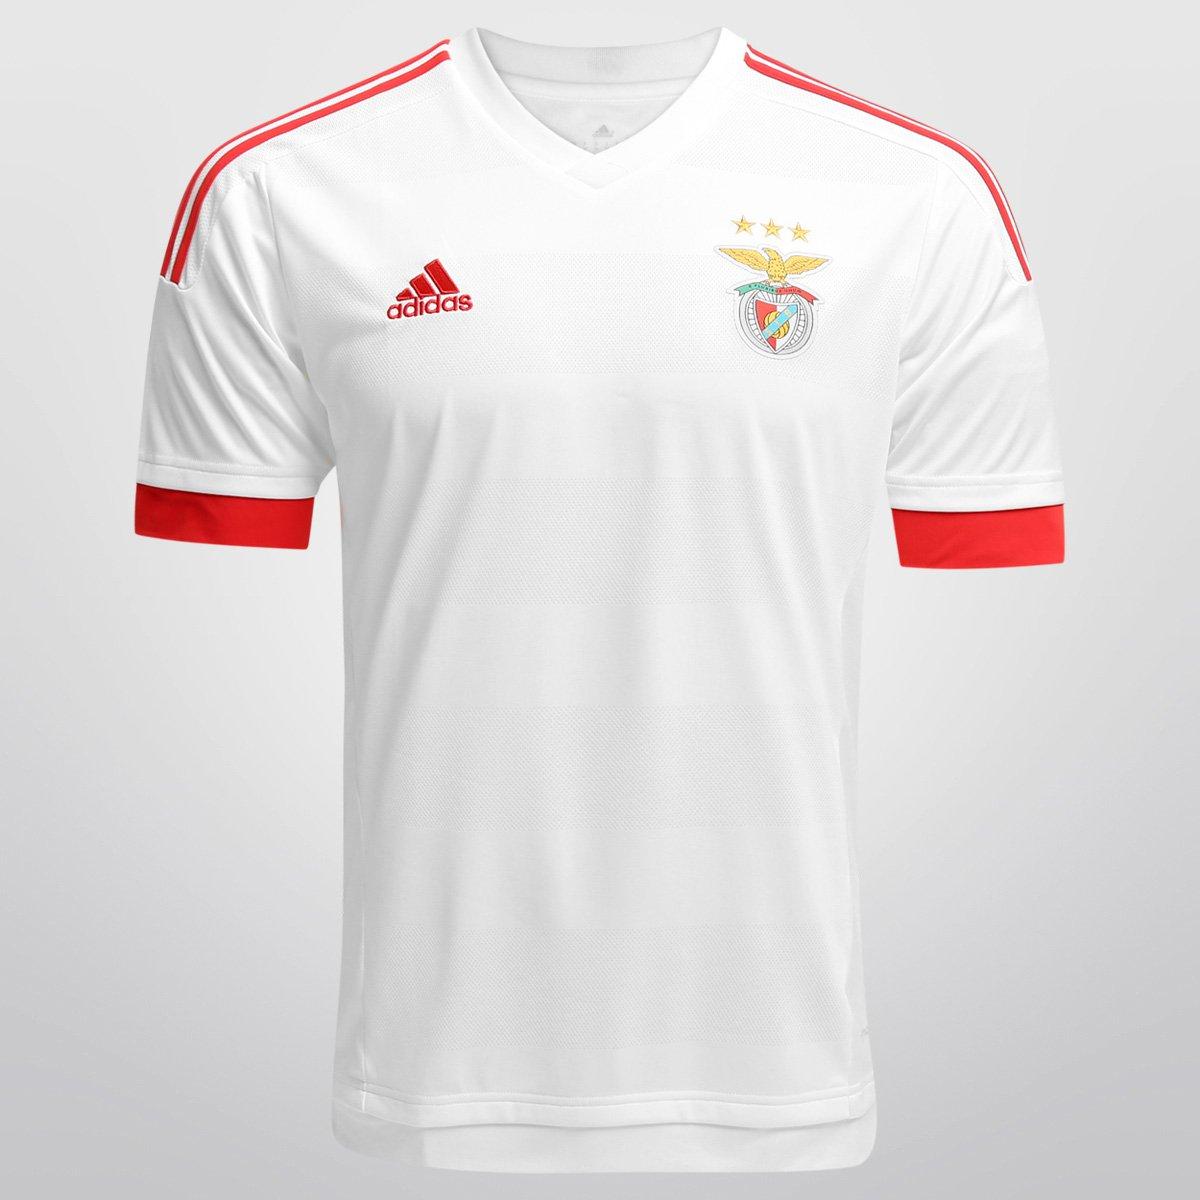 eccc3ceb4a Camisa Adidas Benfica Away 15 16 s nº - Compre Agora